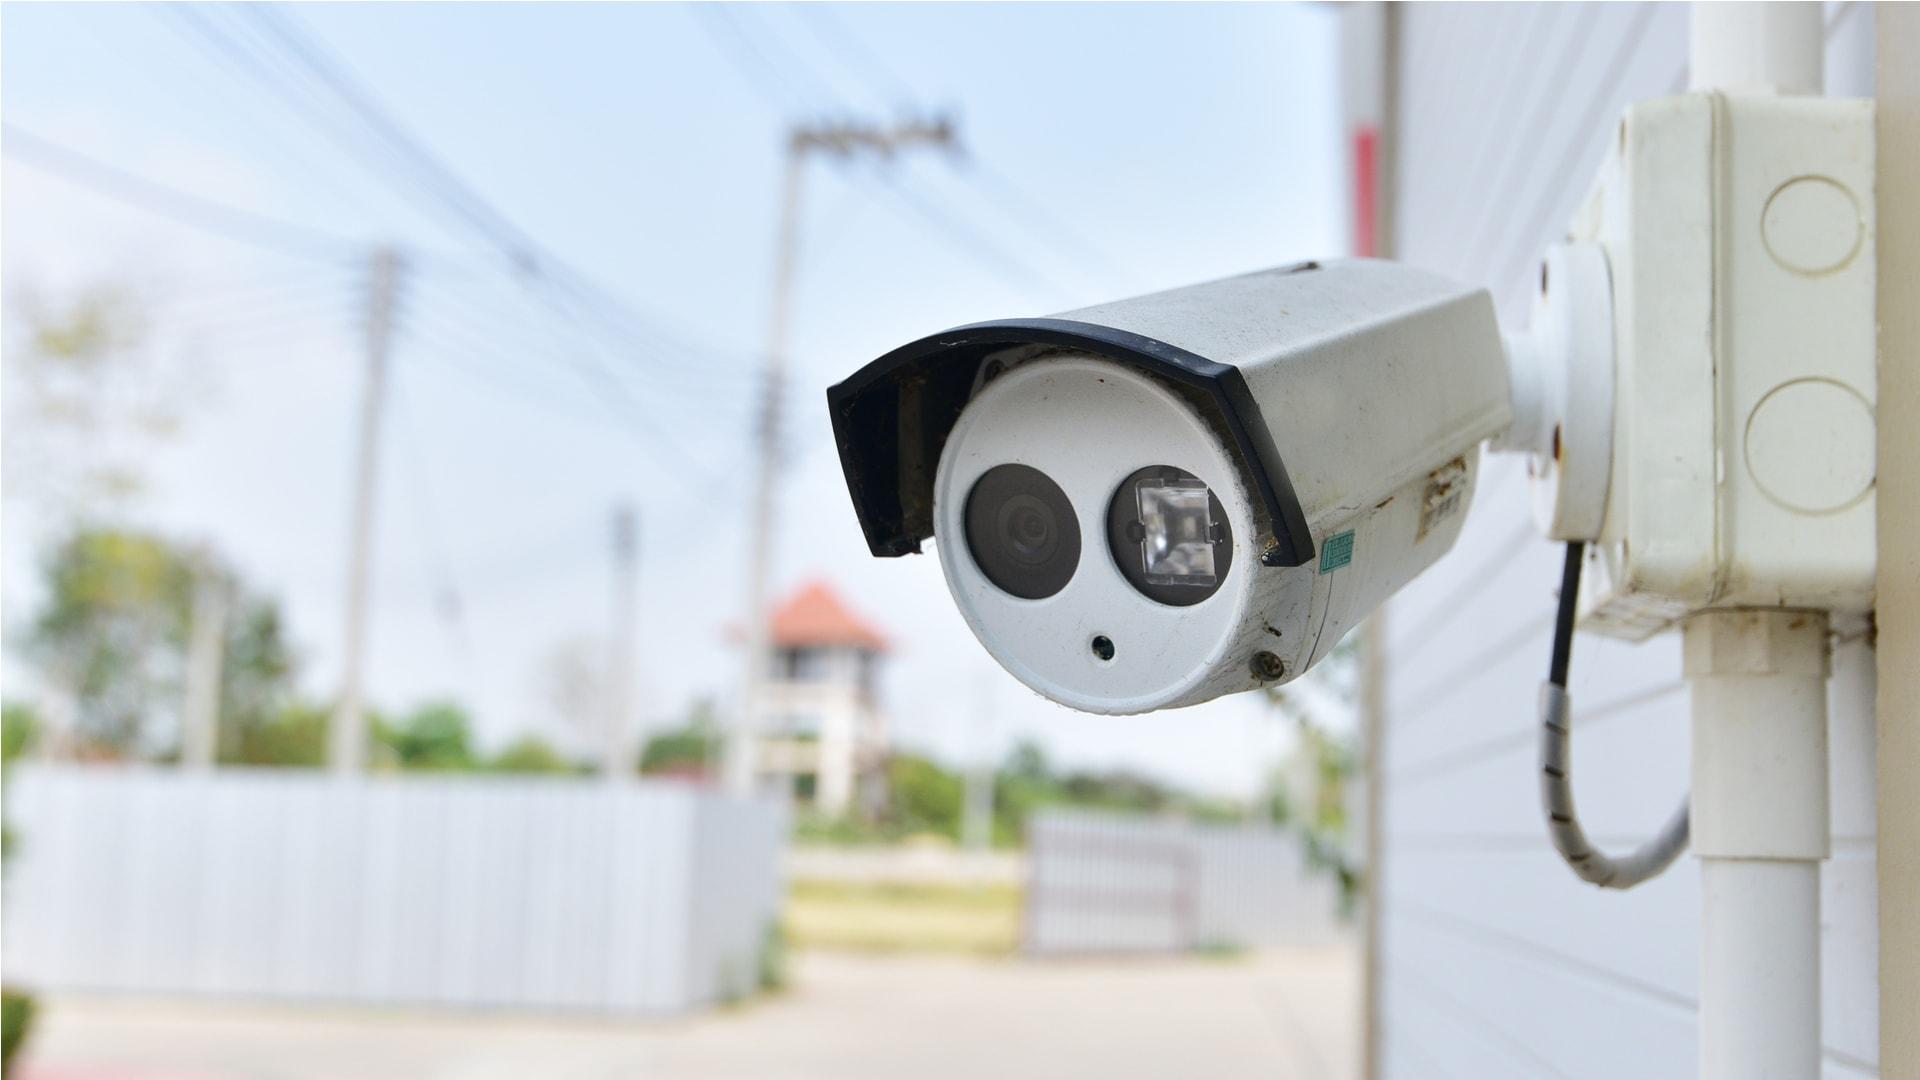 Camerabewaking via inernet van GW Security Group op een zonnige middag in een woonwijk